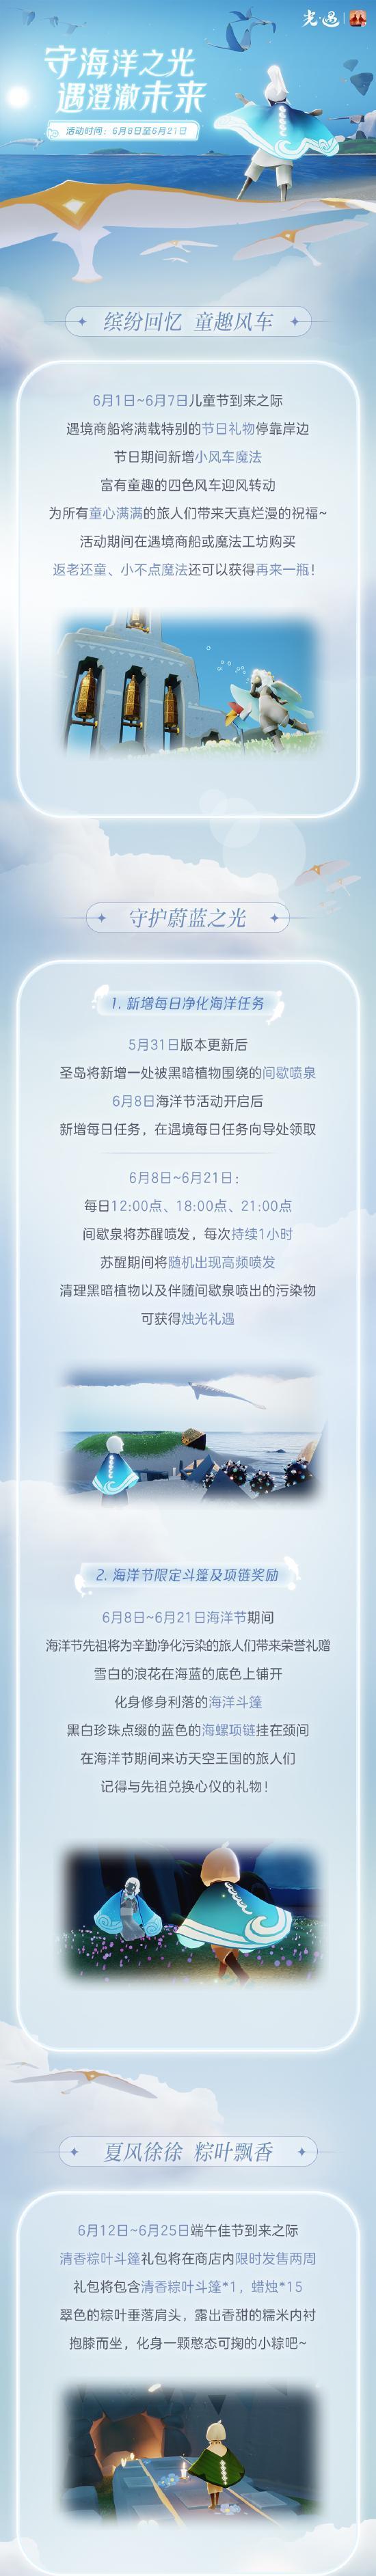 《光·遇》海洋节将于6月8日正式开启,期待你的到来!